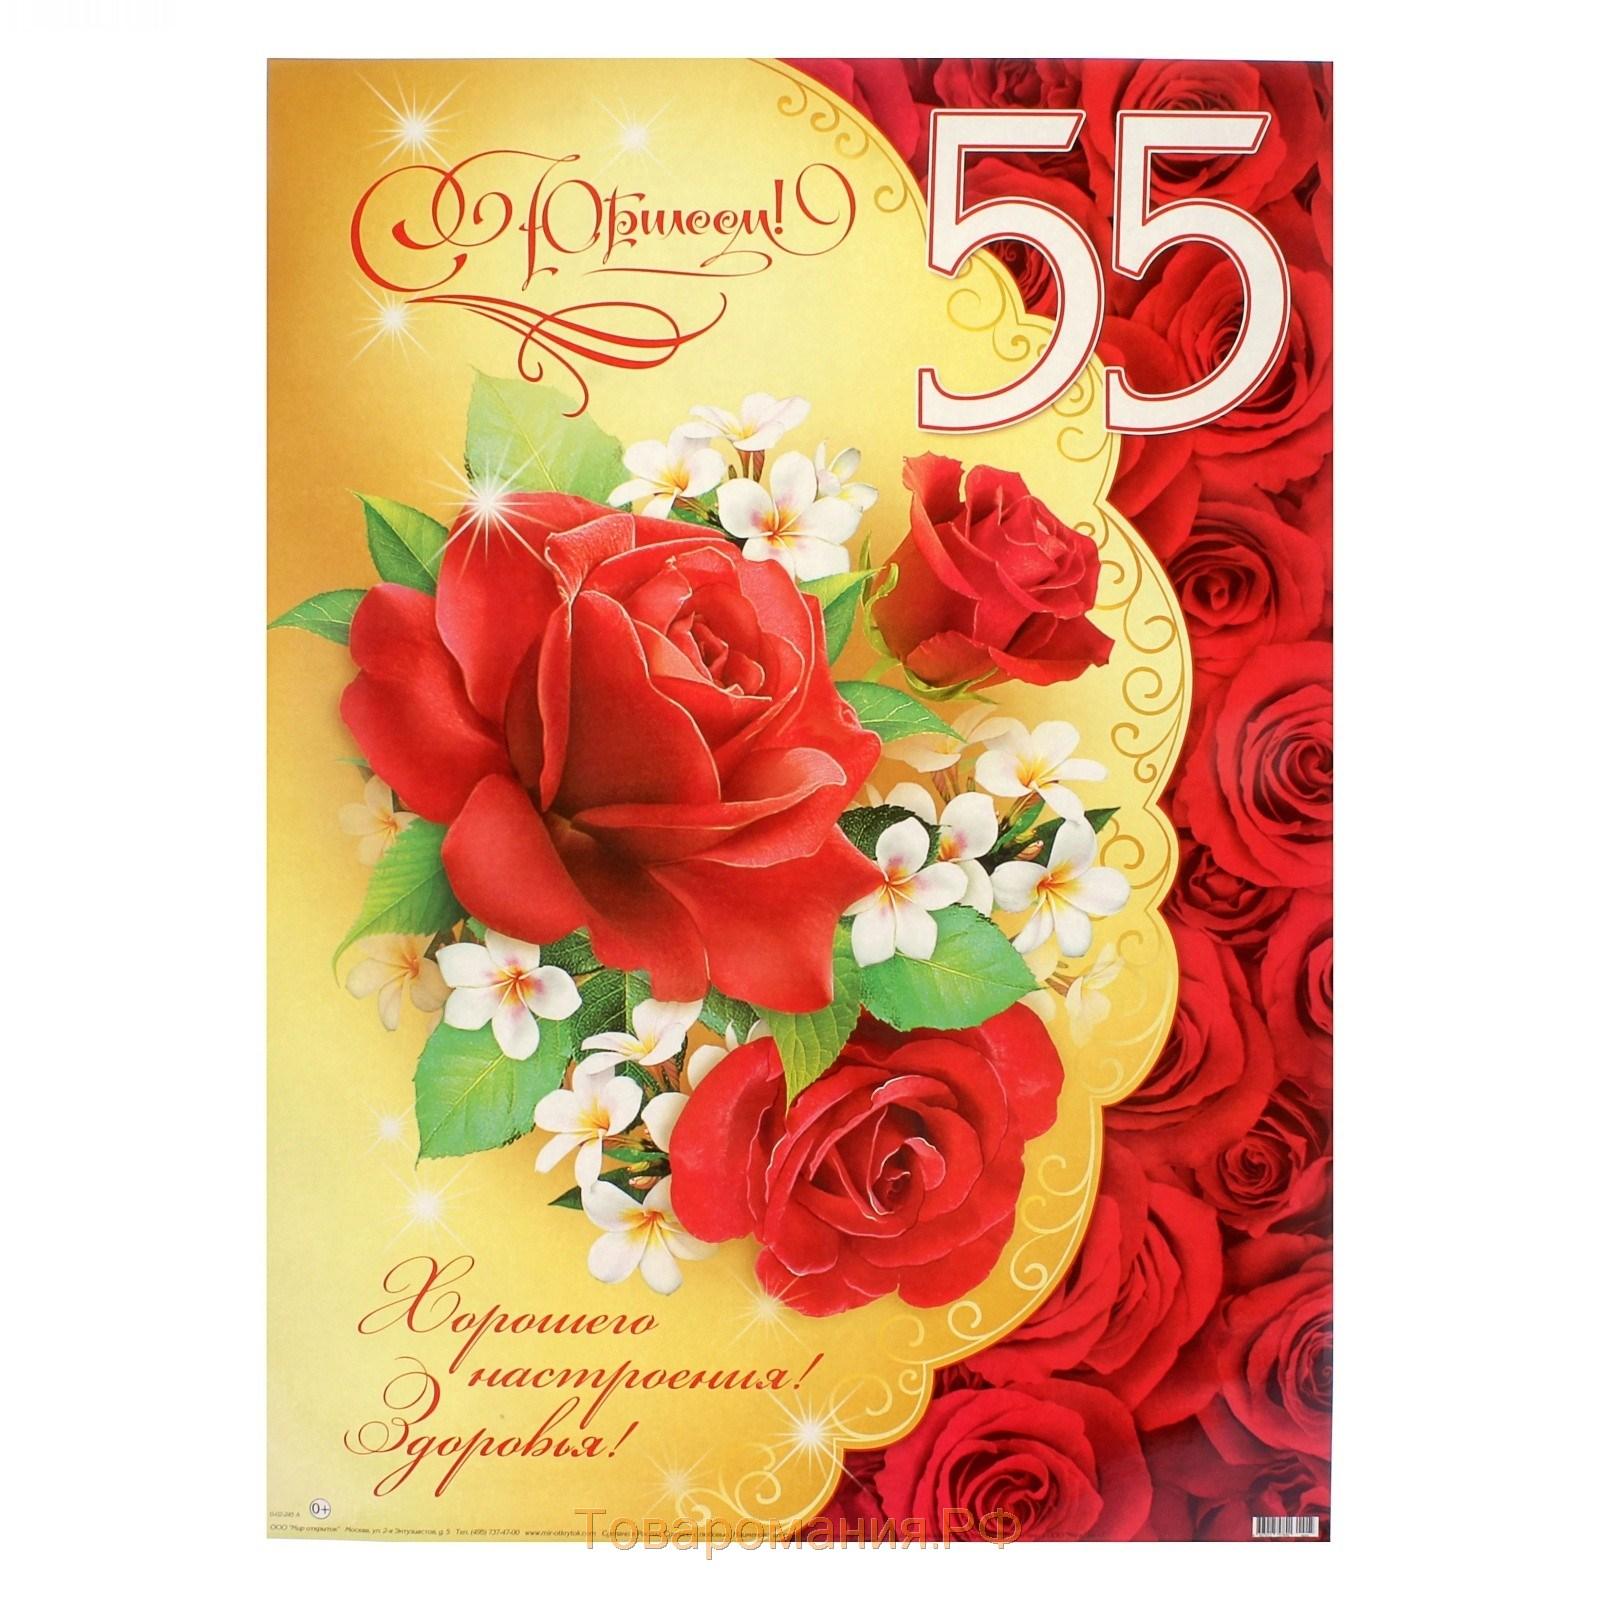 Голосовое поздравление от путина с 55 летием